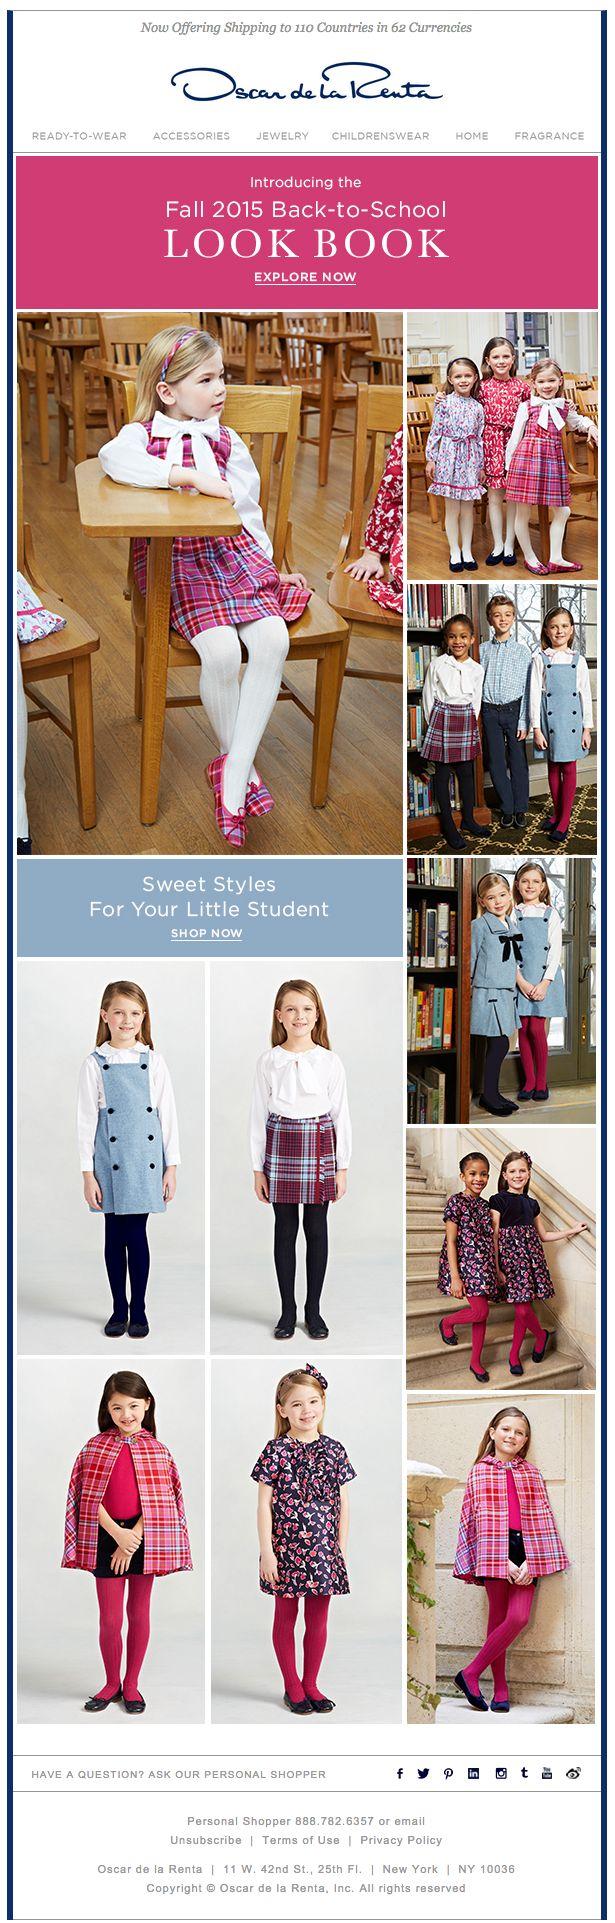 Oscar De La Renta |Just In: Shop Our Back to School Look Book